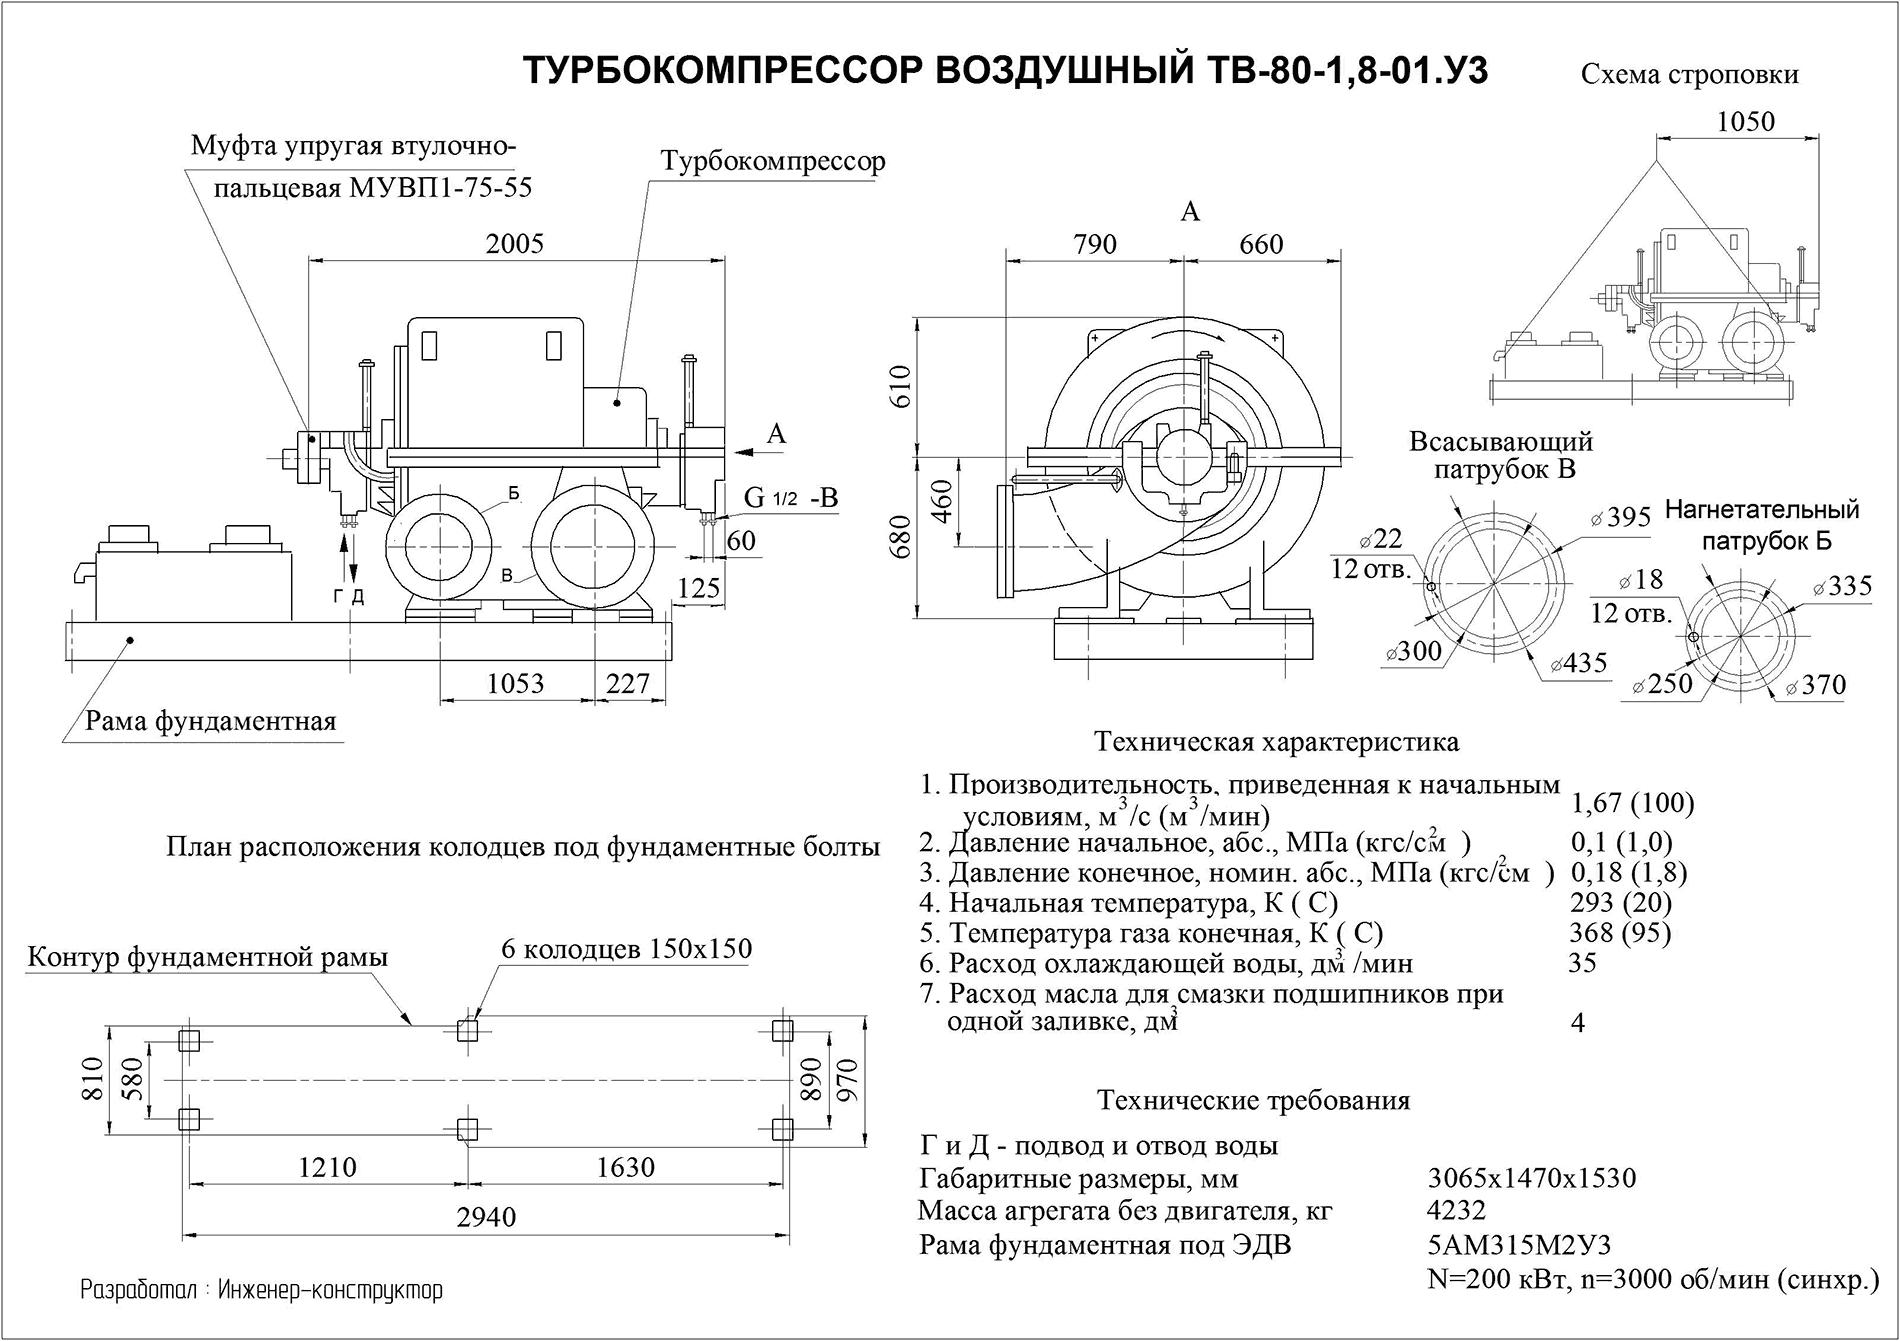 Турбокомпрессор многоступенчатый воздушный ТВ-80-1,8-01У3